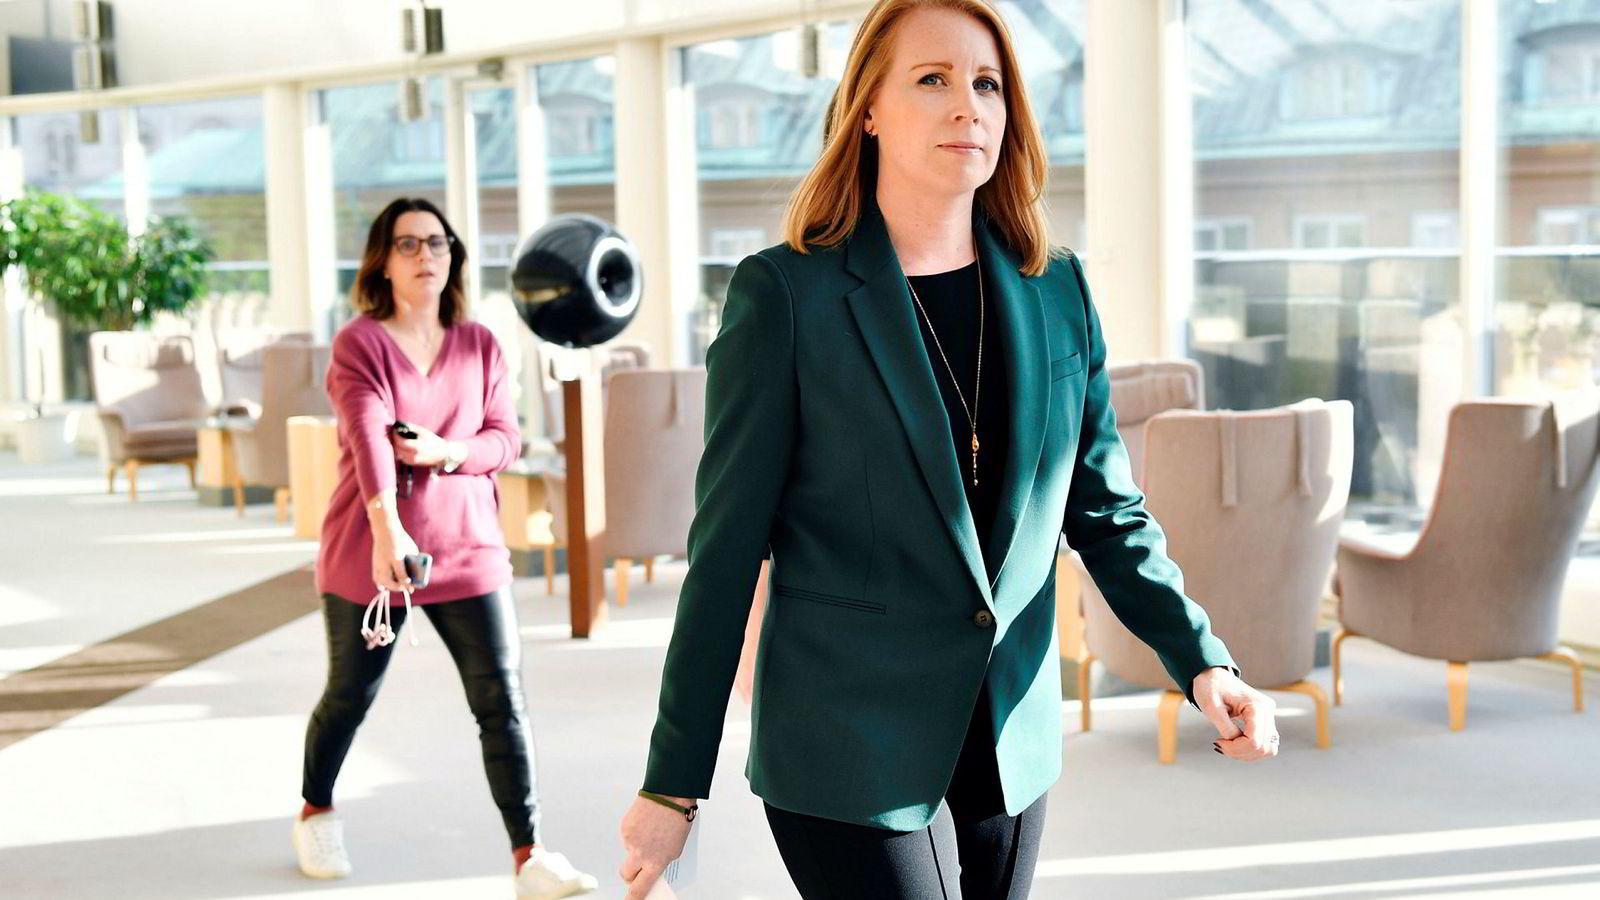 71 dager etter valget i Sverige ga Center-leder Annie Lööf torsdag opp å danne regjering i Sverige.